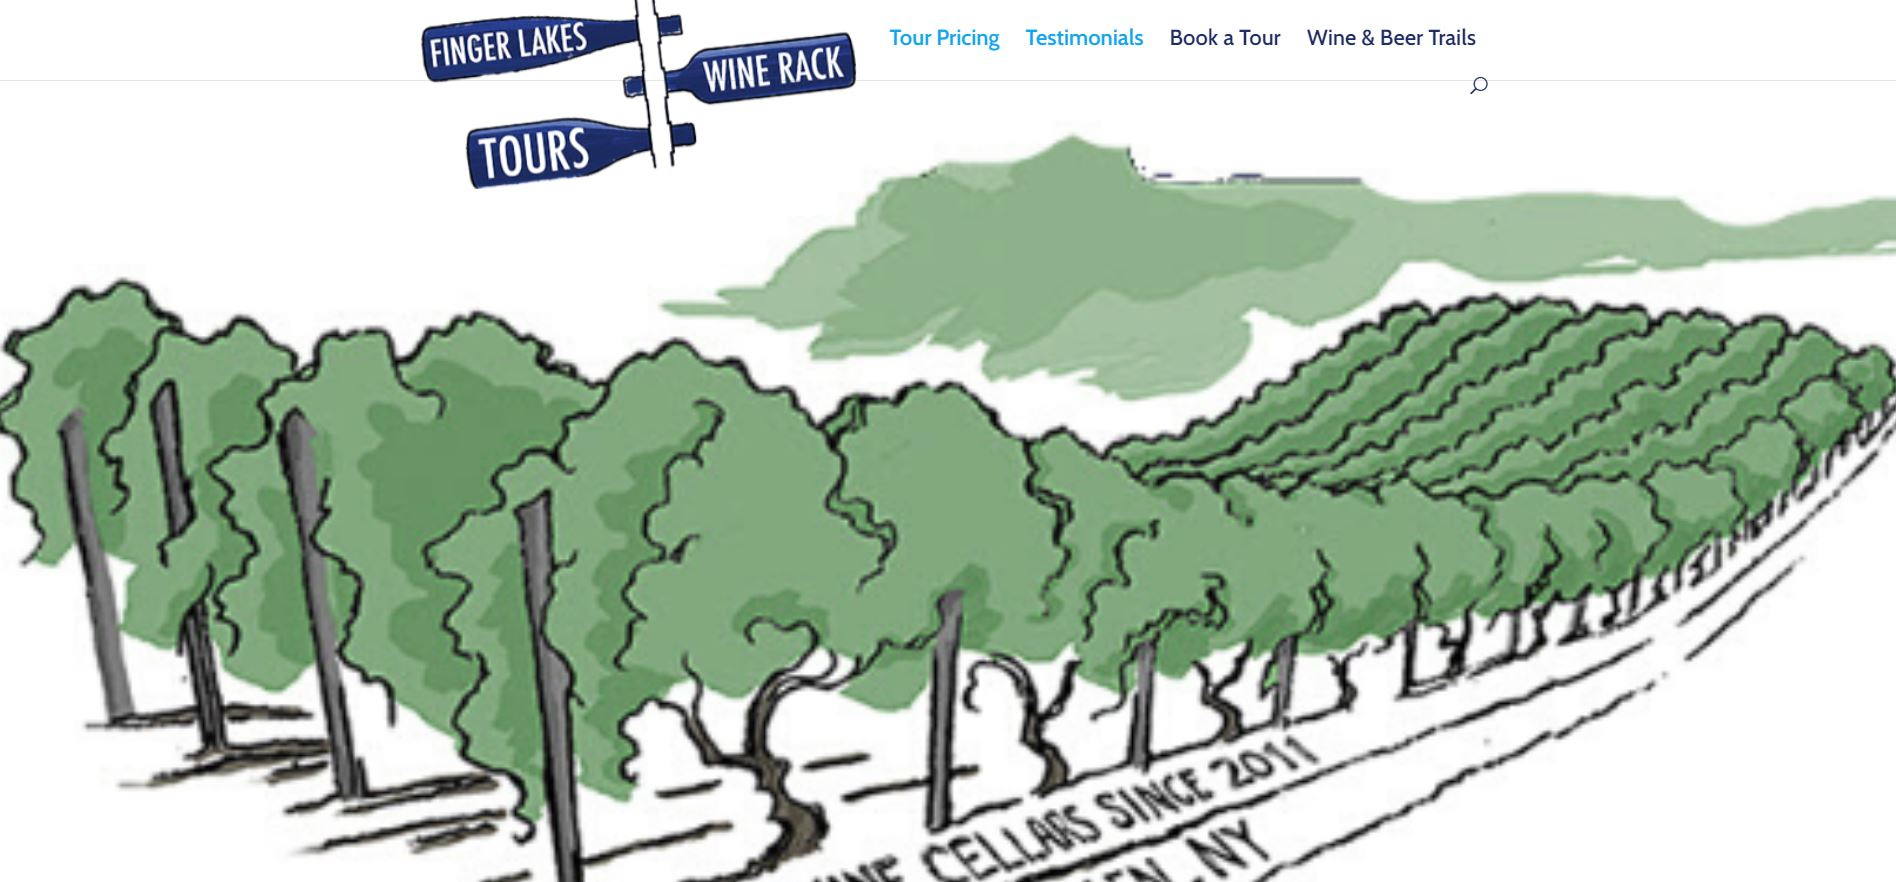 fingerlakes wine rack tours